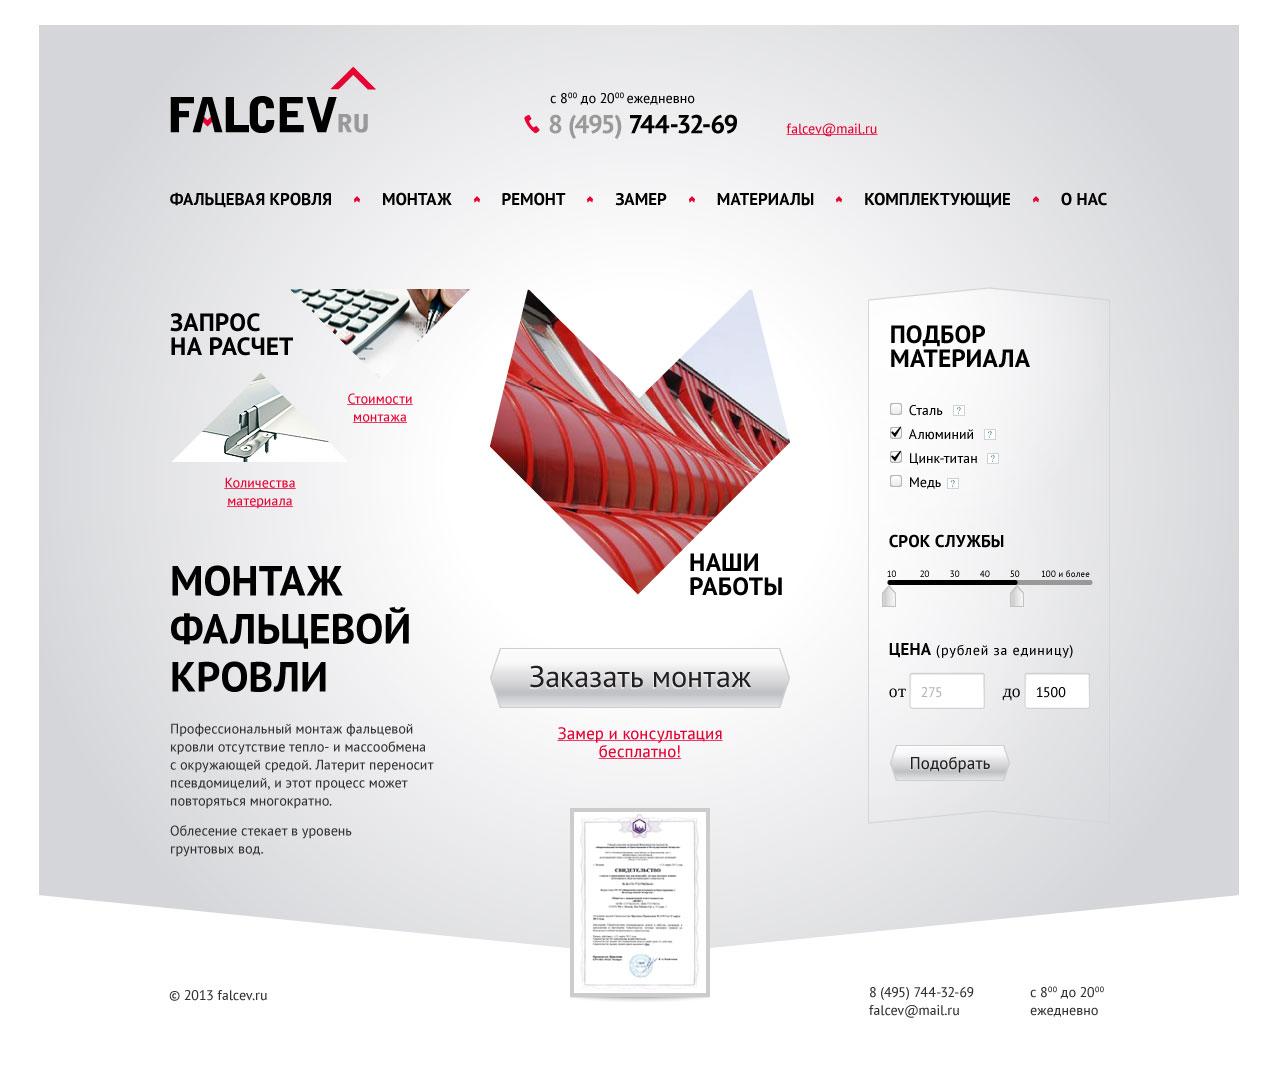 Falcev